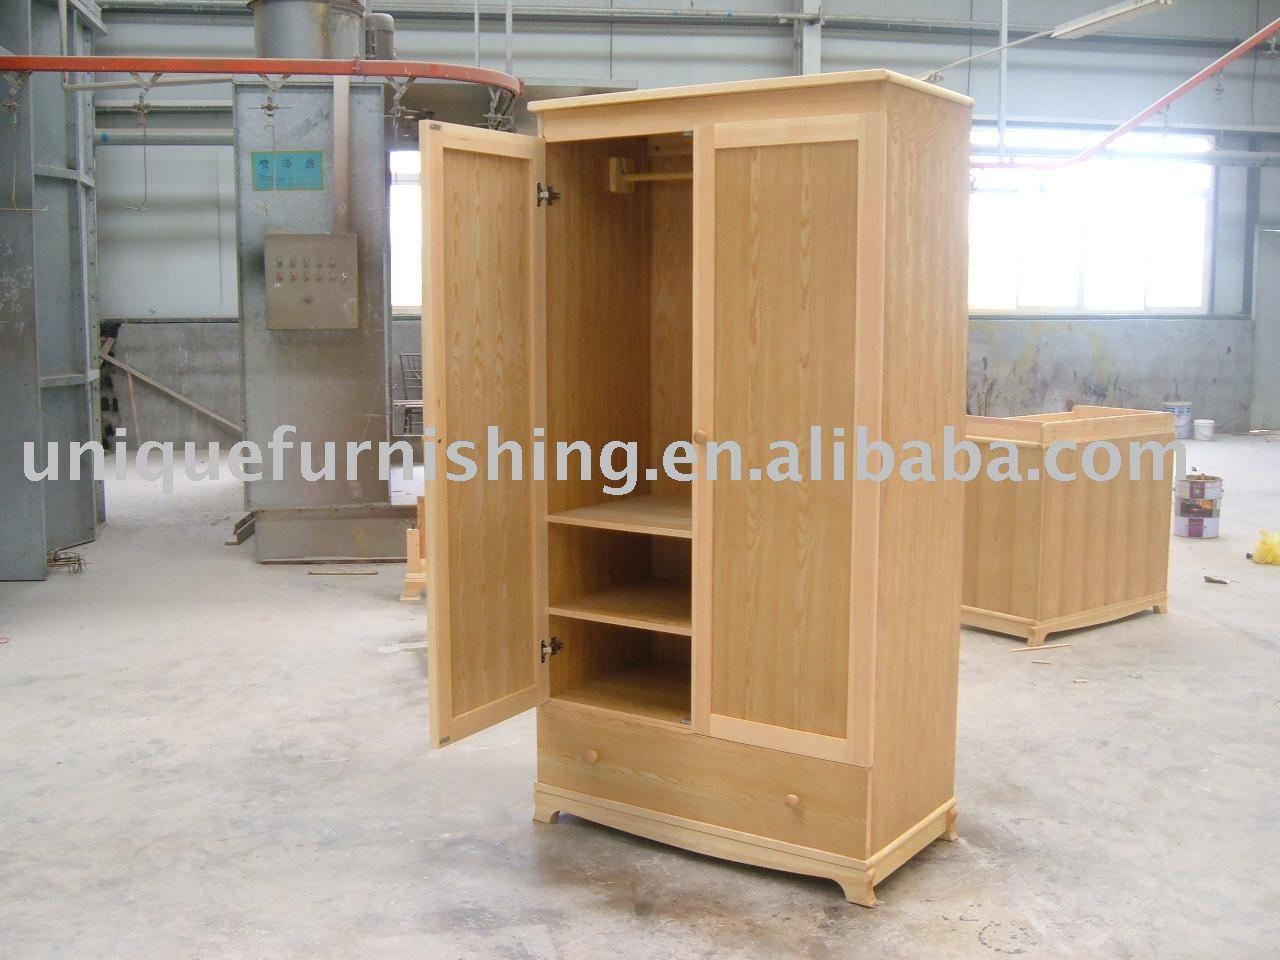 Armario de madera guardarropas identificaci n del producto 203694352 - Armario de madera ...